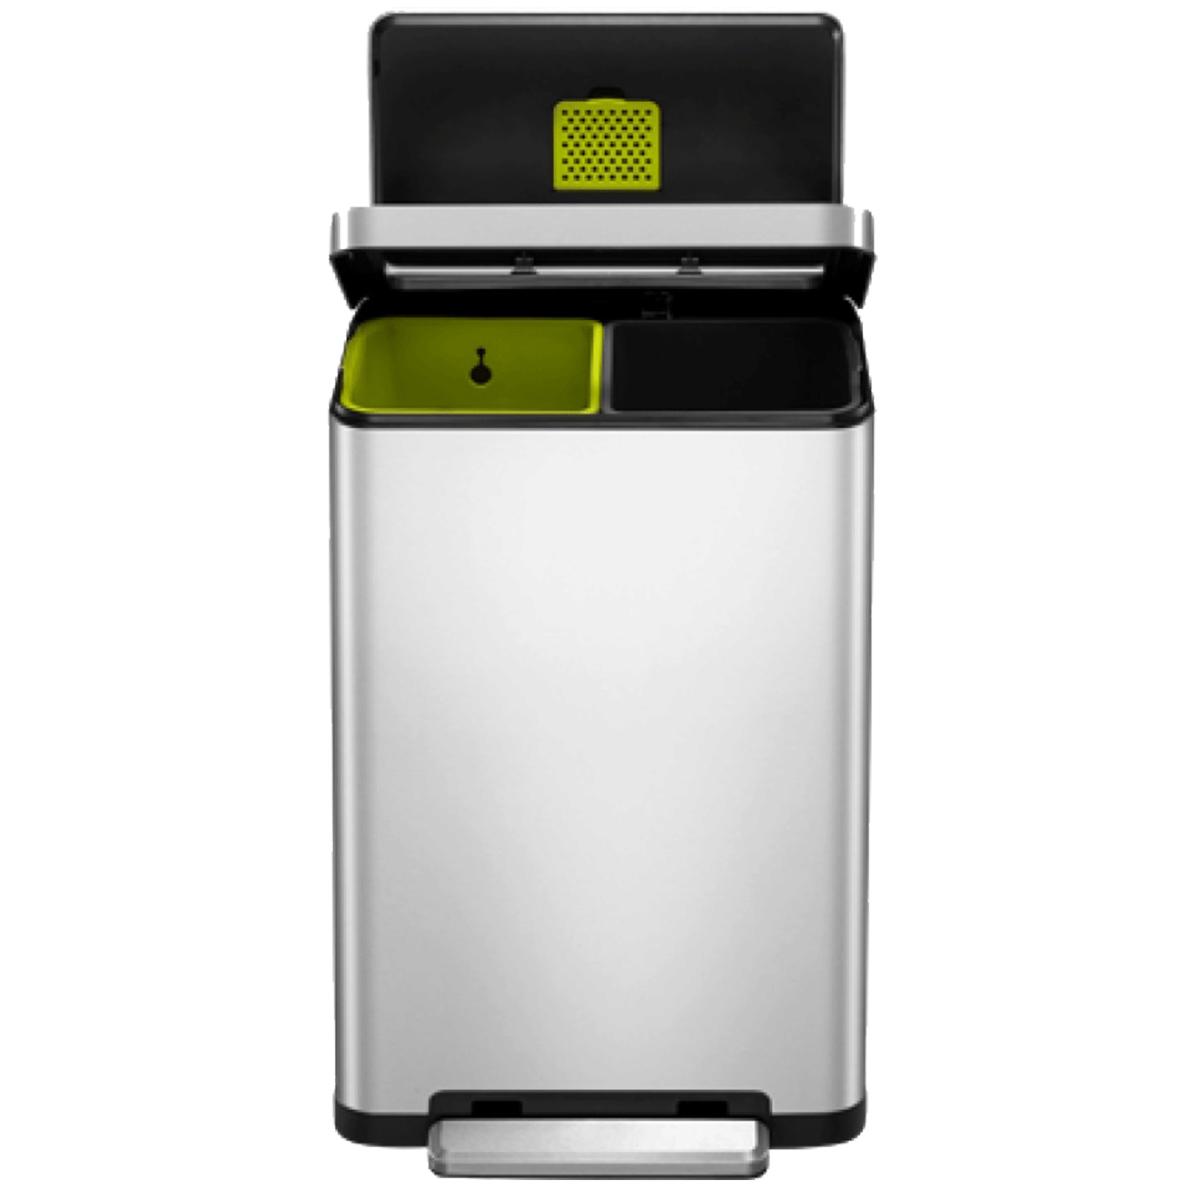 EKO X Cube Recycling Bin 40L - Silver